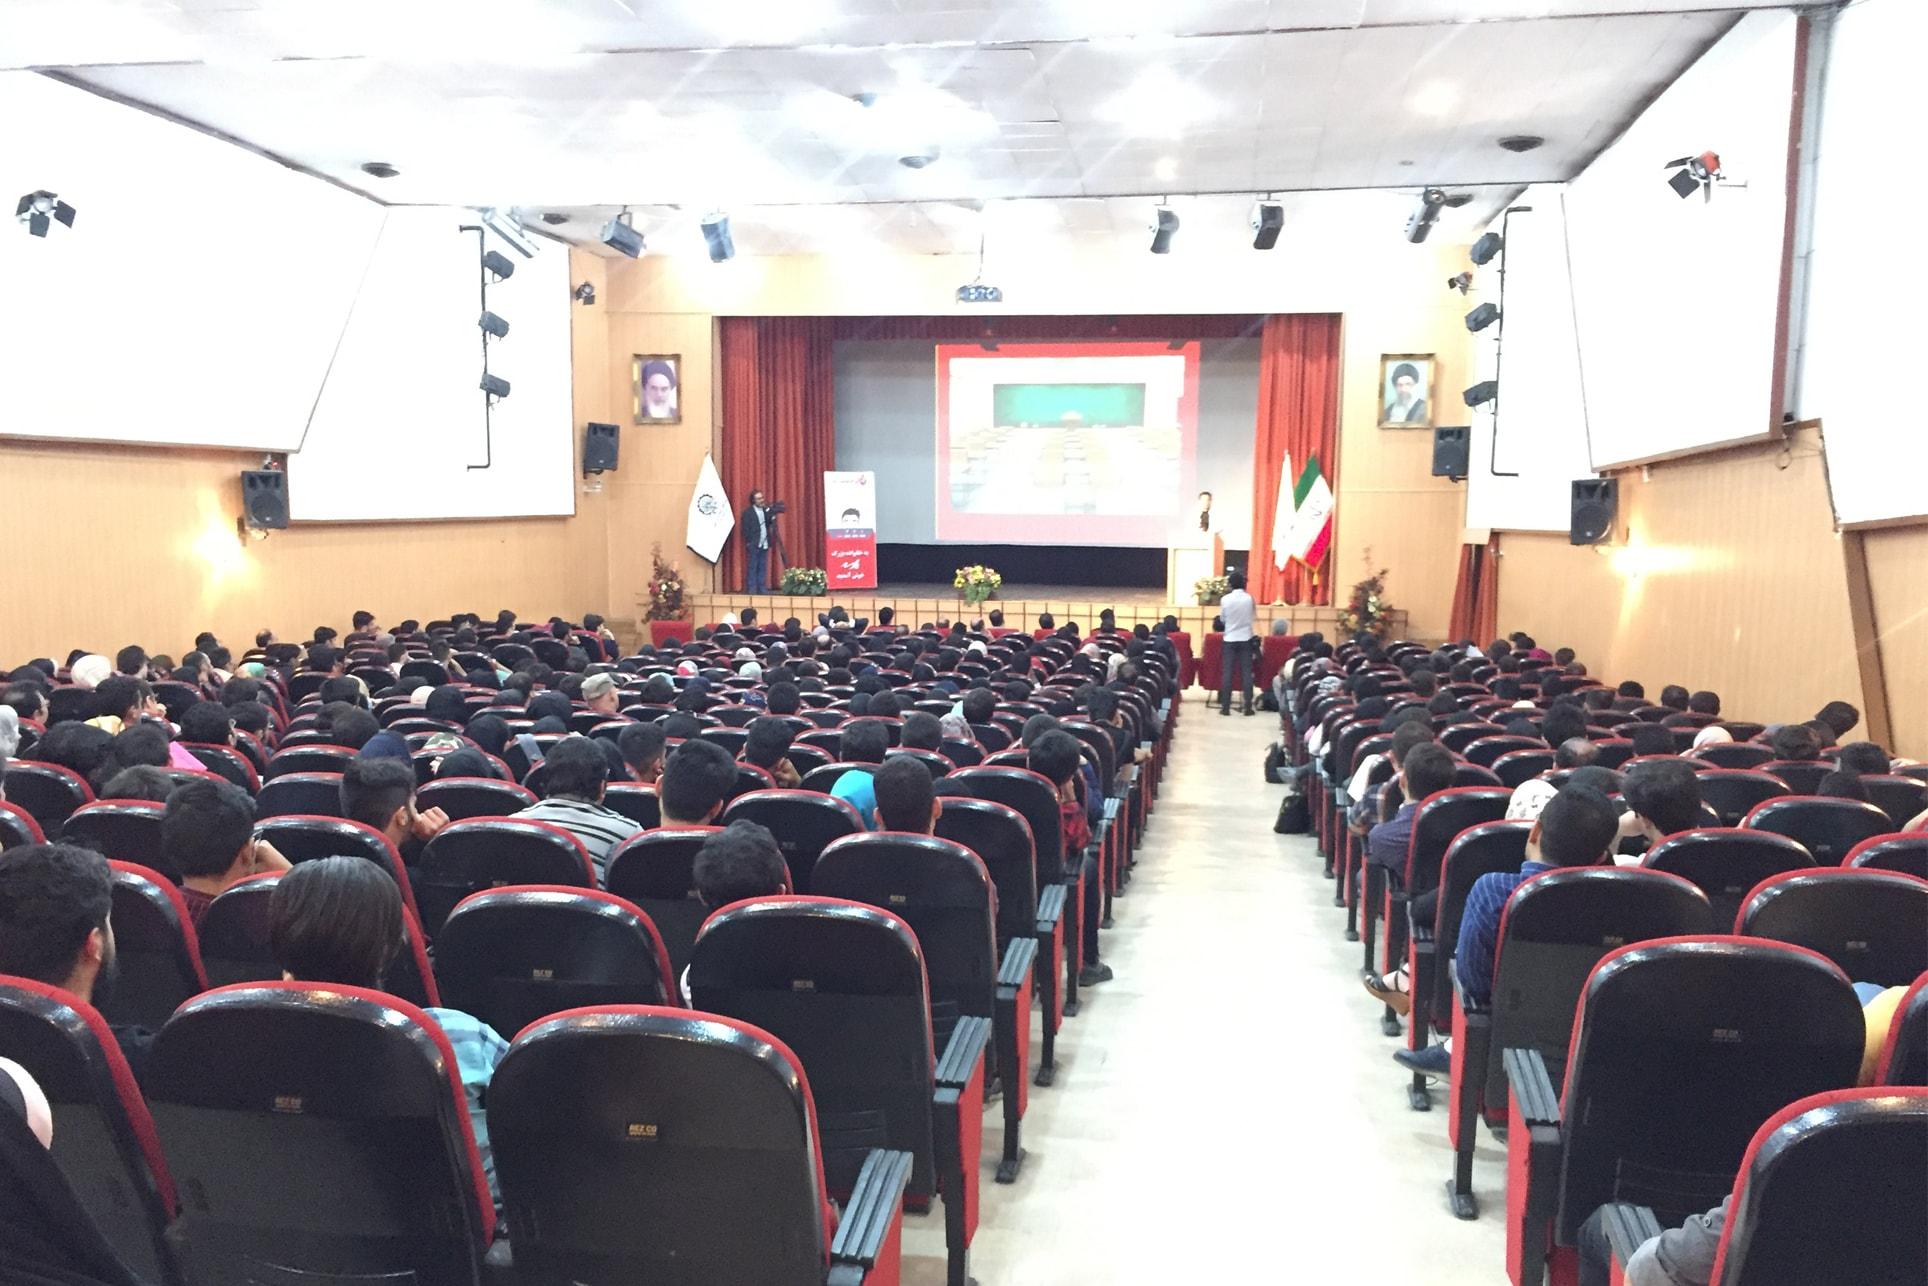 همایش گروه آموزشی مقدم دانشگاه شهید بهشتی کنکور کارشناسی ارشد روانشناسی دکتری روانگام تضمین قبولی رتبه برتر تست کلاس آزمون منابع